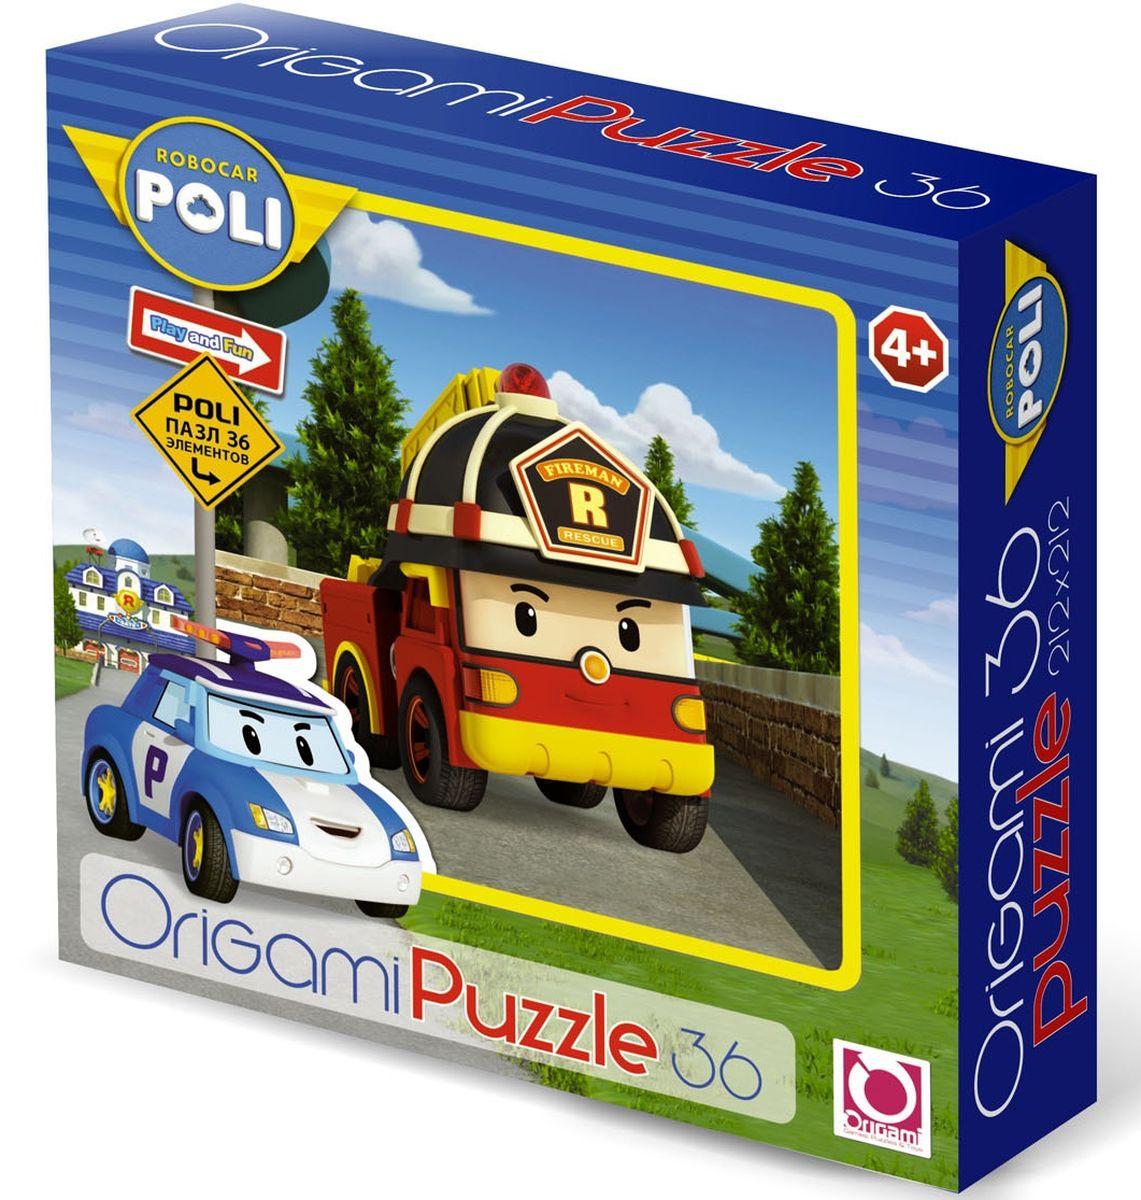 Оригами Пазл для малышей Robocar Poli 00168 флексика пазл для малышей геометрия цвет основы красный